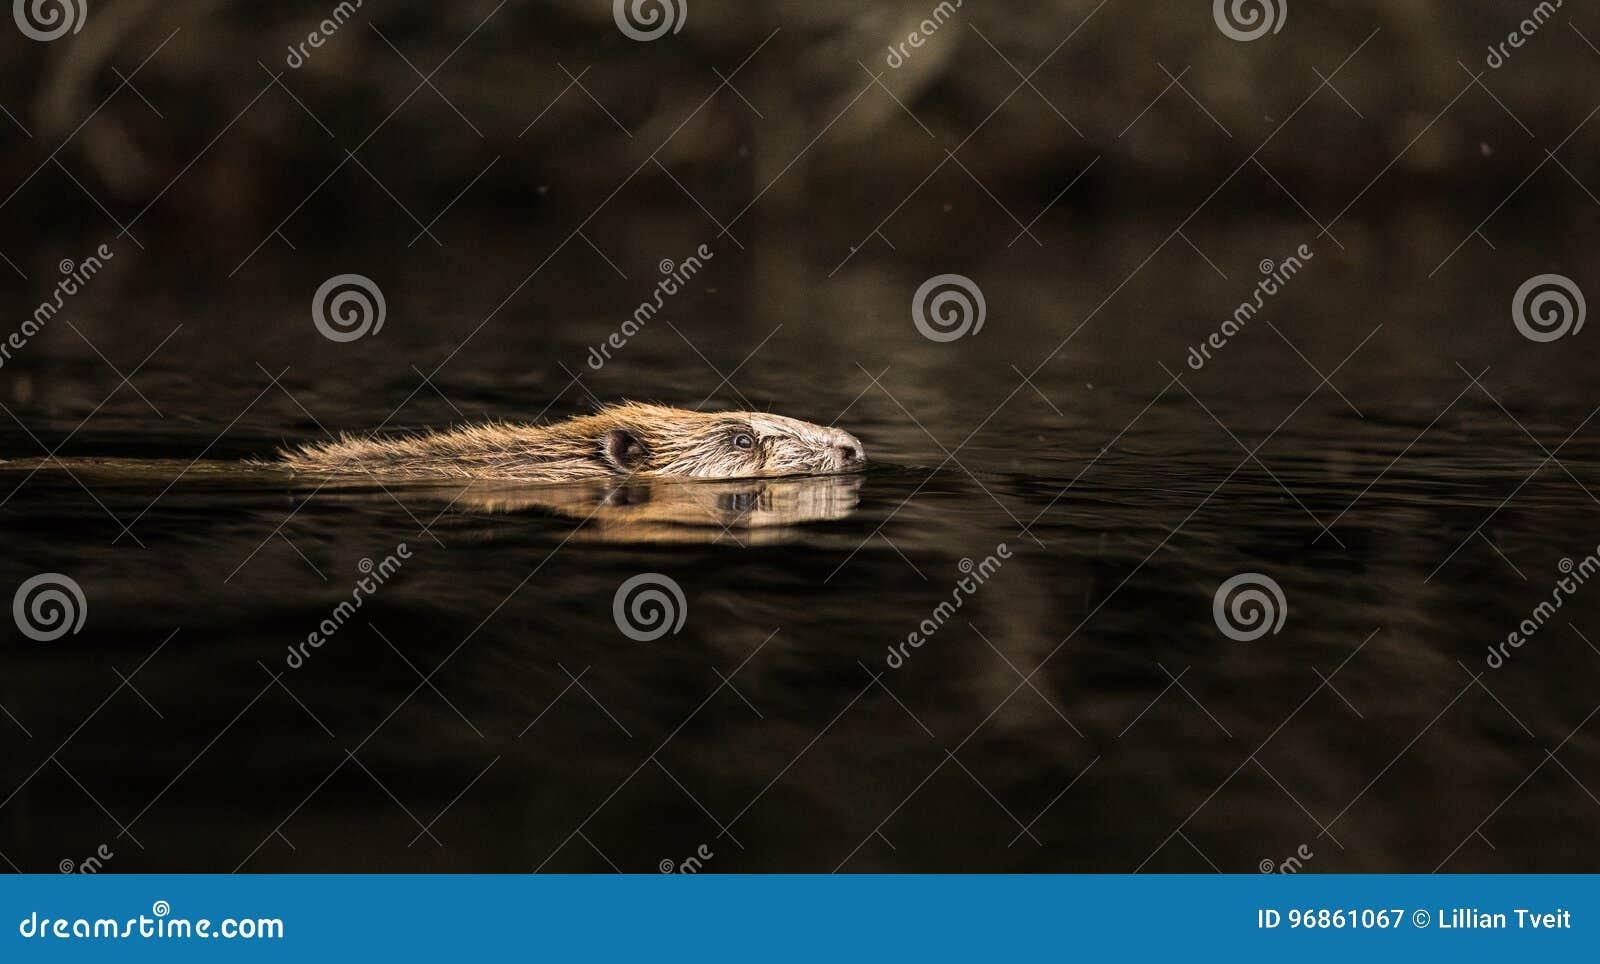 Ευρωπαϊκός κάστορας, ίνα καστόρων, που κολυμπά στο μαύρο νερό